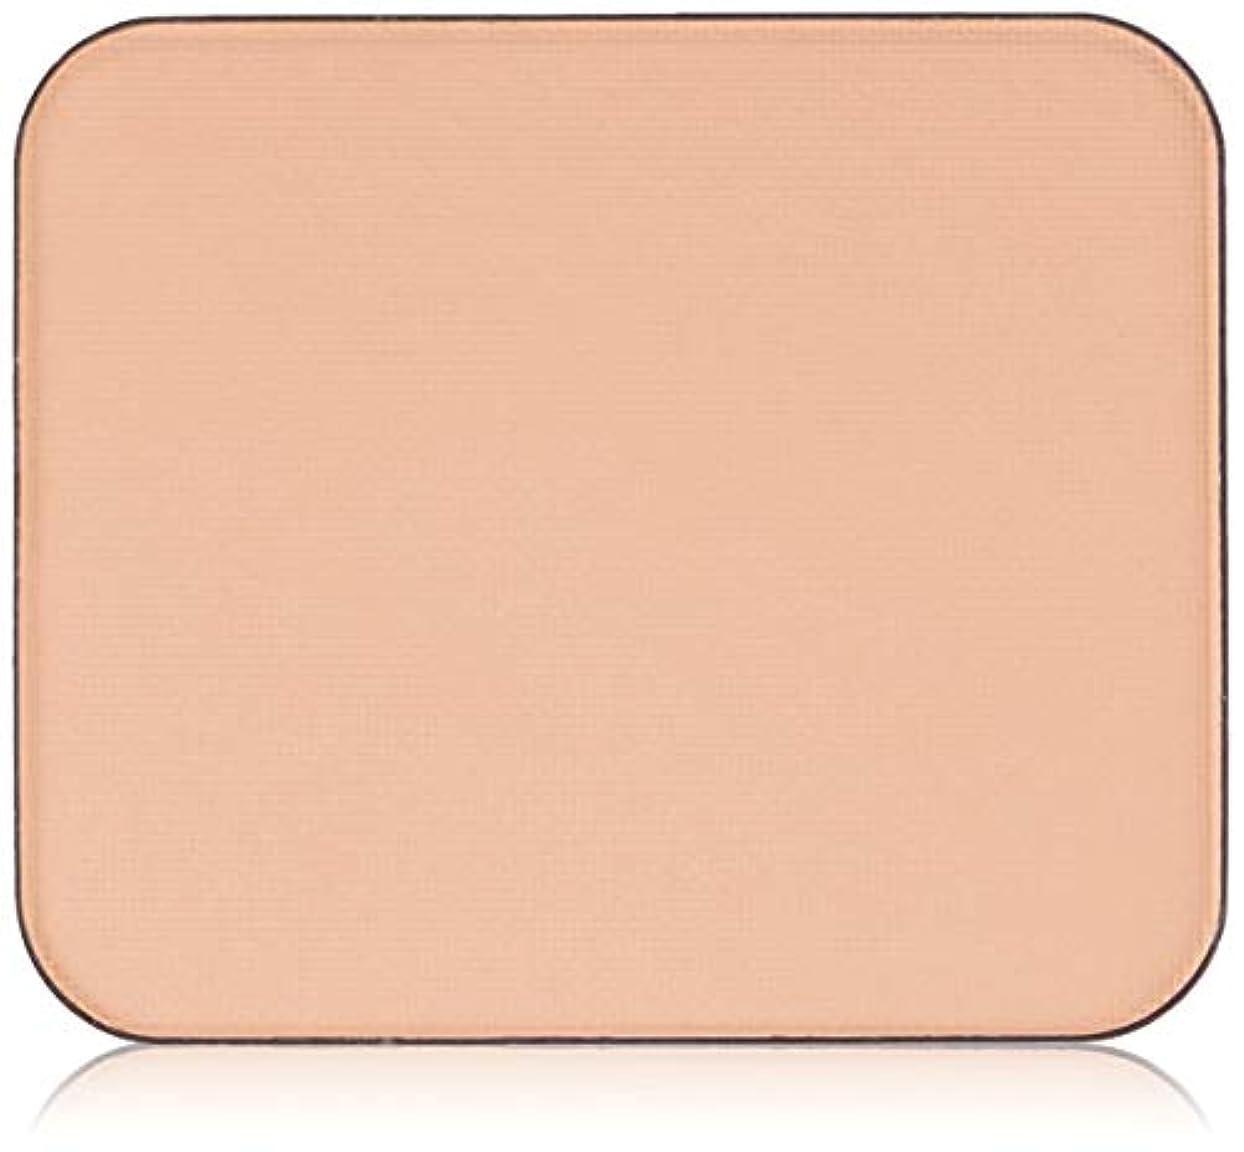 年次関数教室Celvoke(セルヴォーク) インテントスキン パウダーファンデーション 全5色 102 明るいオークル系(標準色)